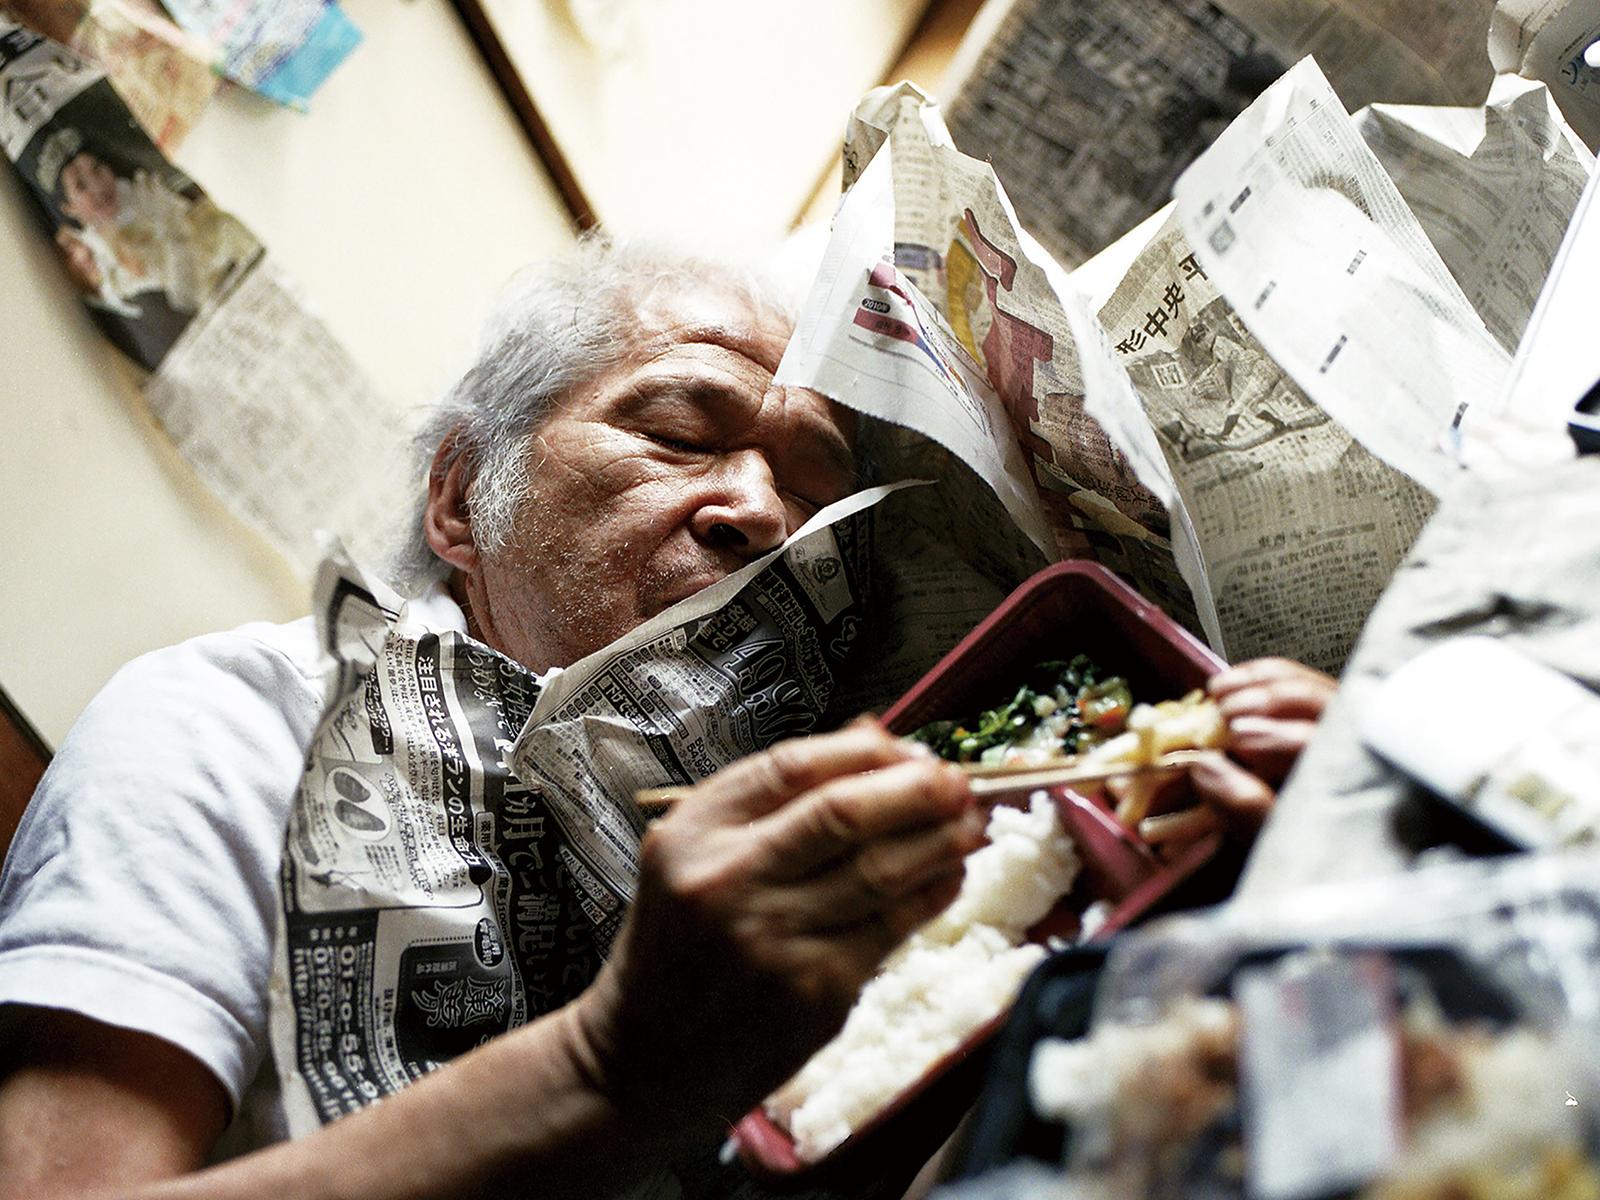 写真を見下ろす展示方法をとった「KG+SELECT 2019」の様子。©Atsushi Fukushima